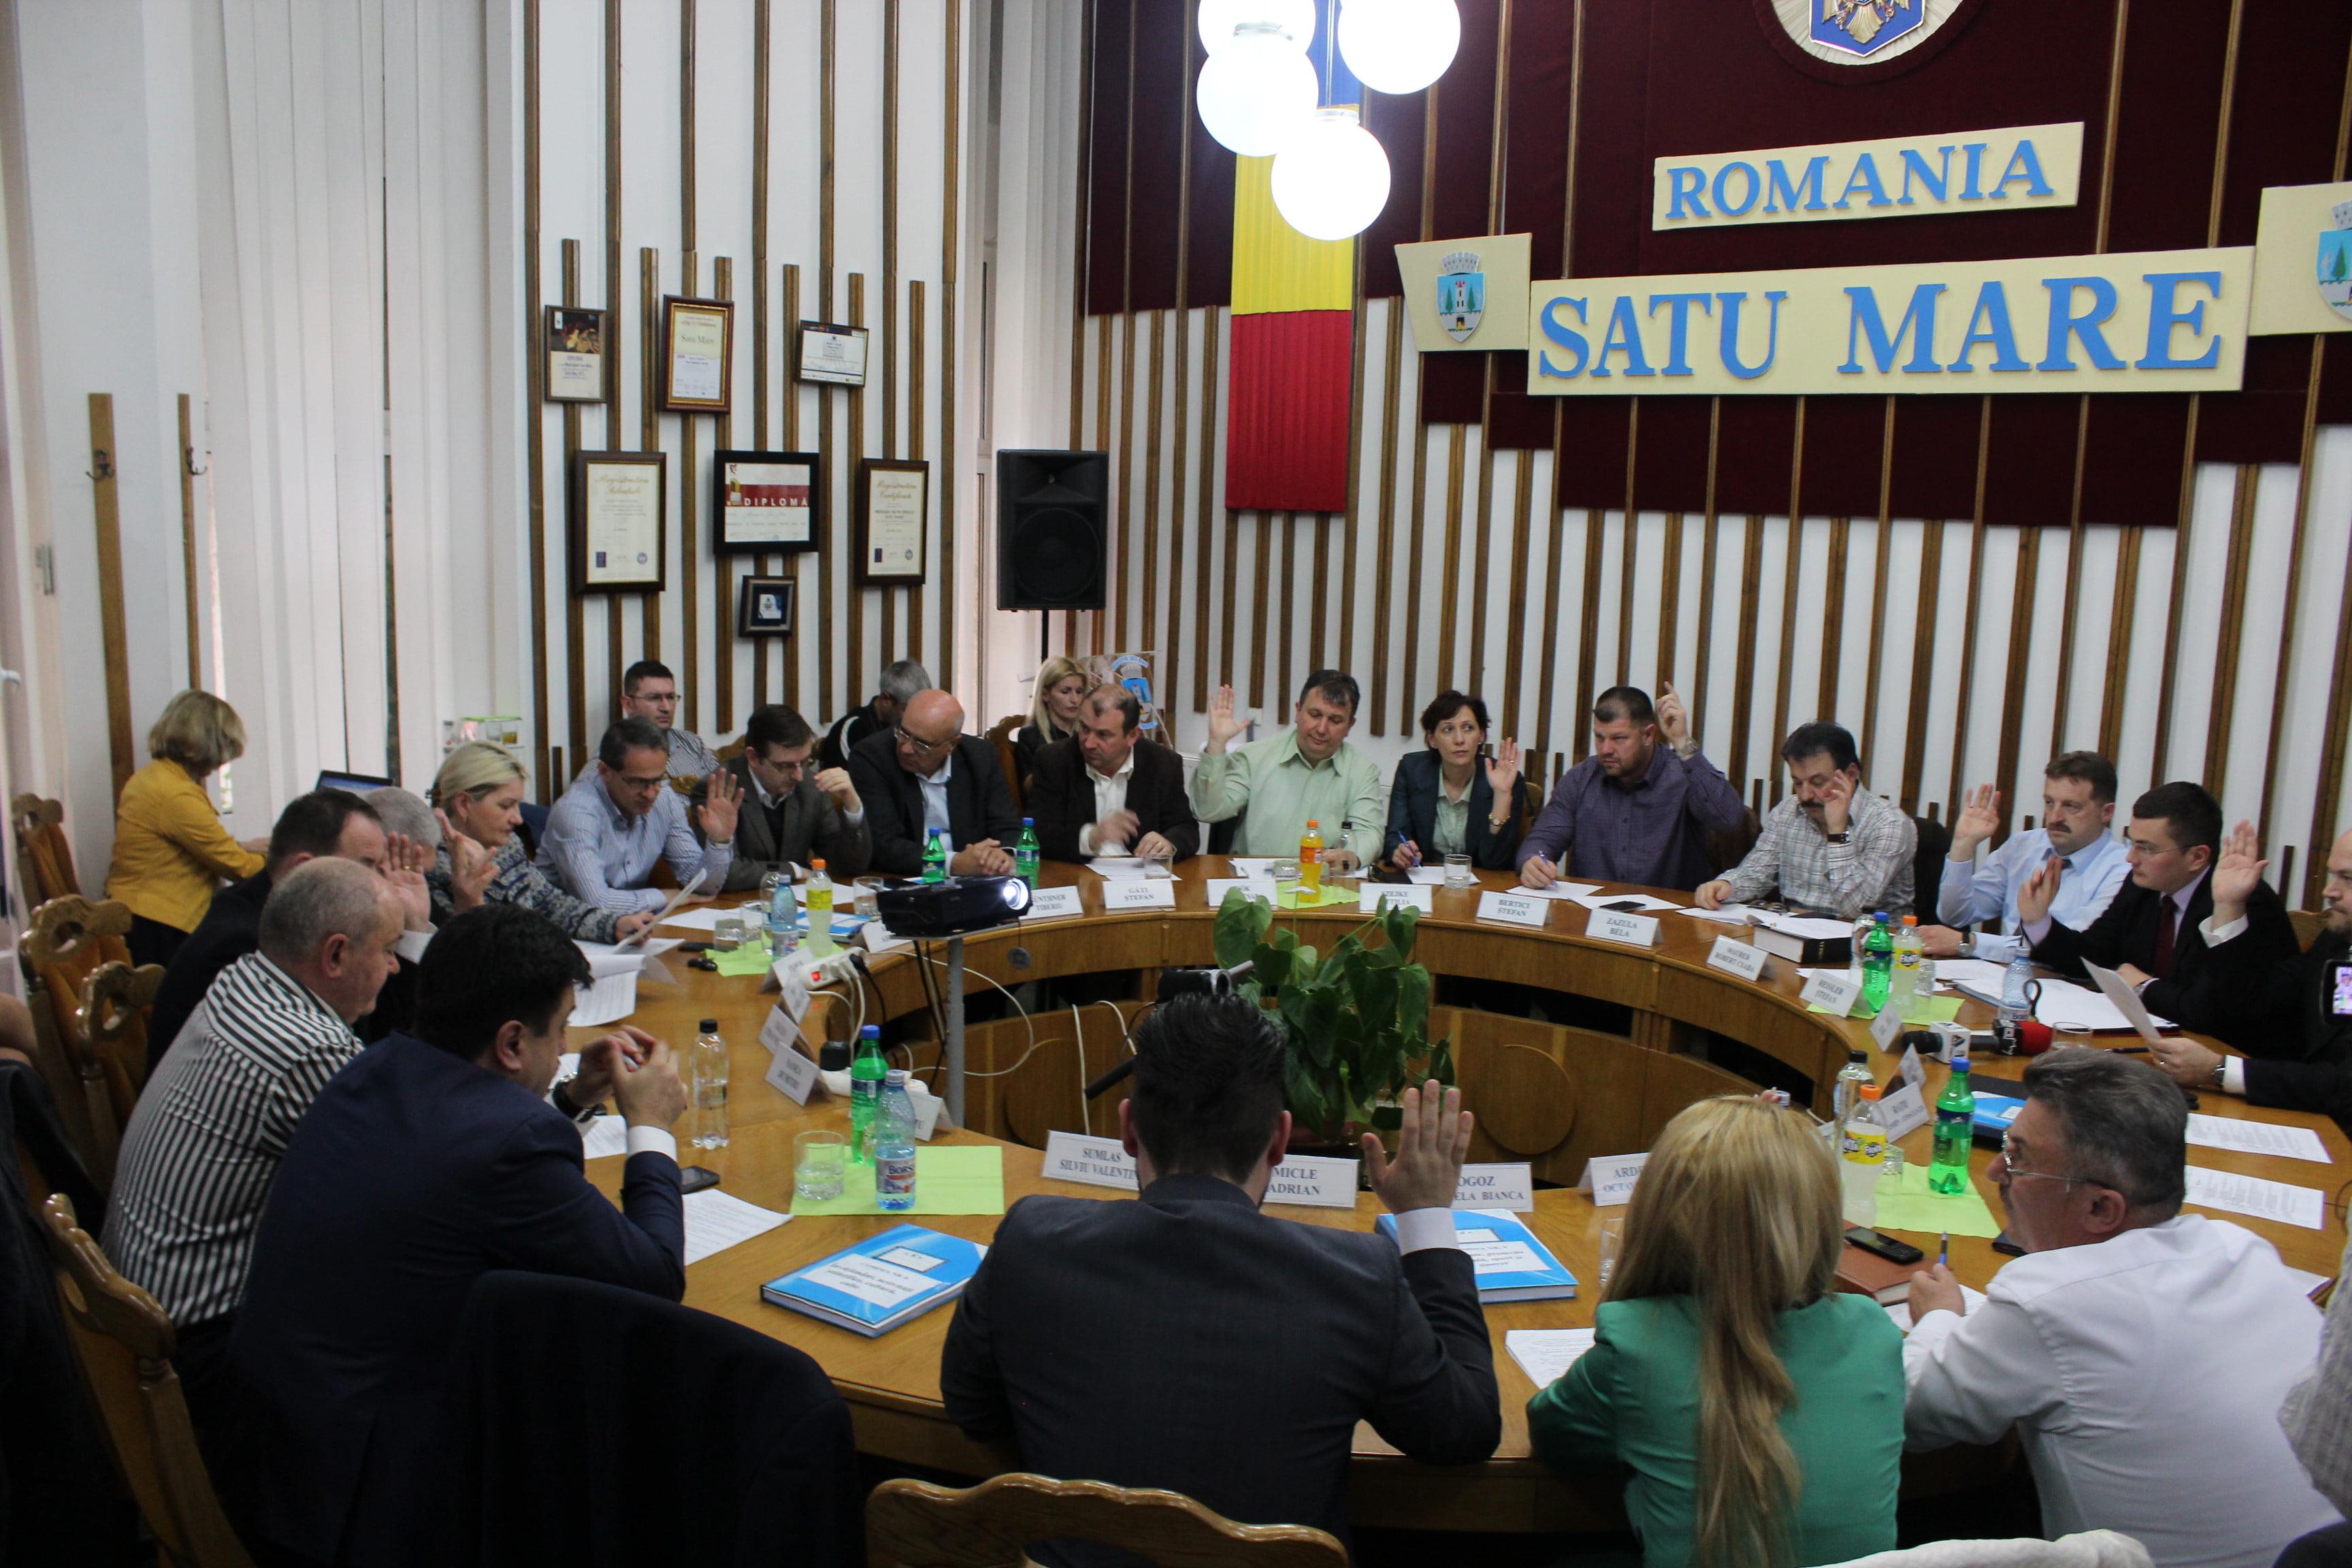 Buget fără scandal. Consilierii locali au votat bugetul municipiului, în an ne-electoral